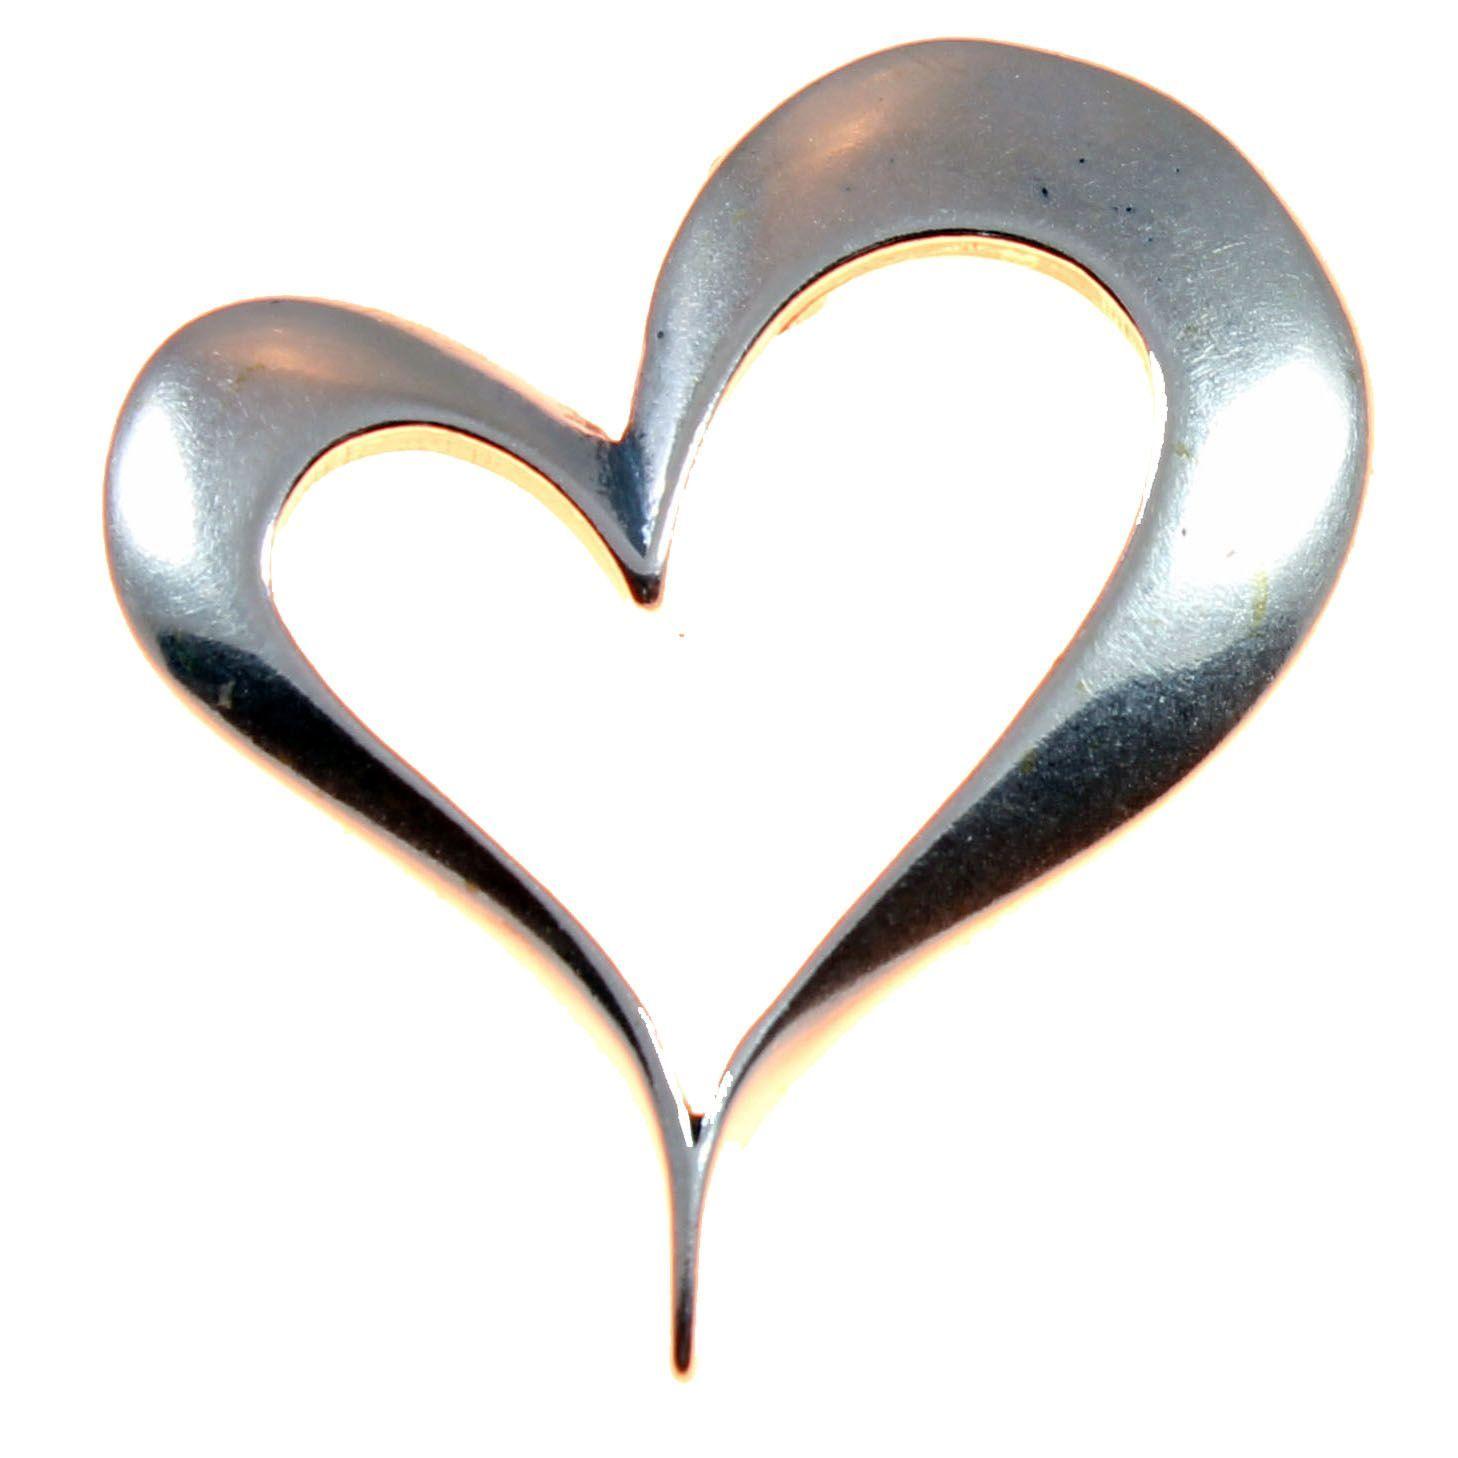 Charm school uk sterling silver pendants open heart pendant open heart sterling silver pendant buycottarizona Gallery